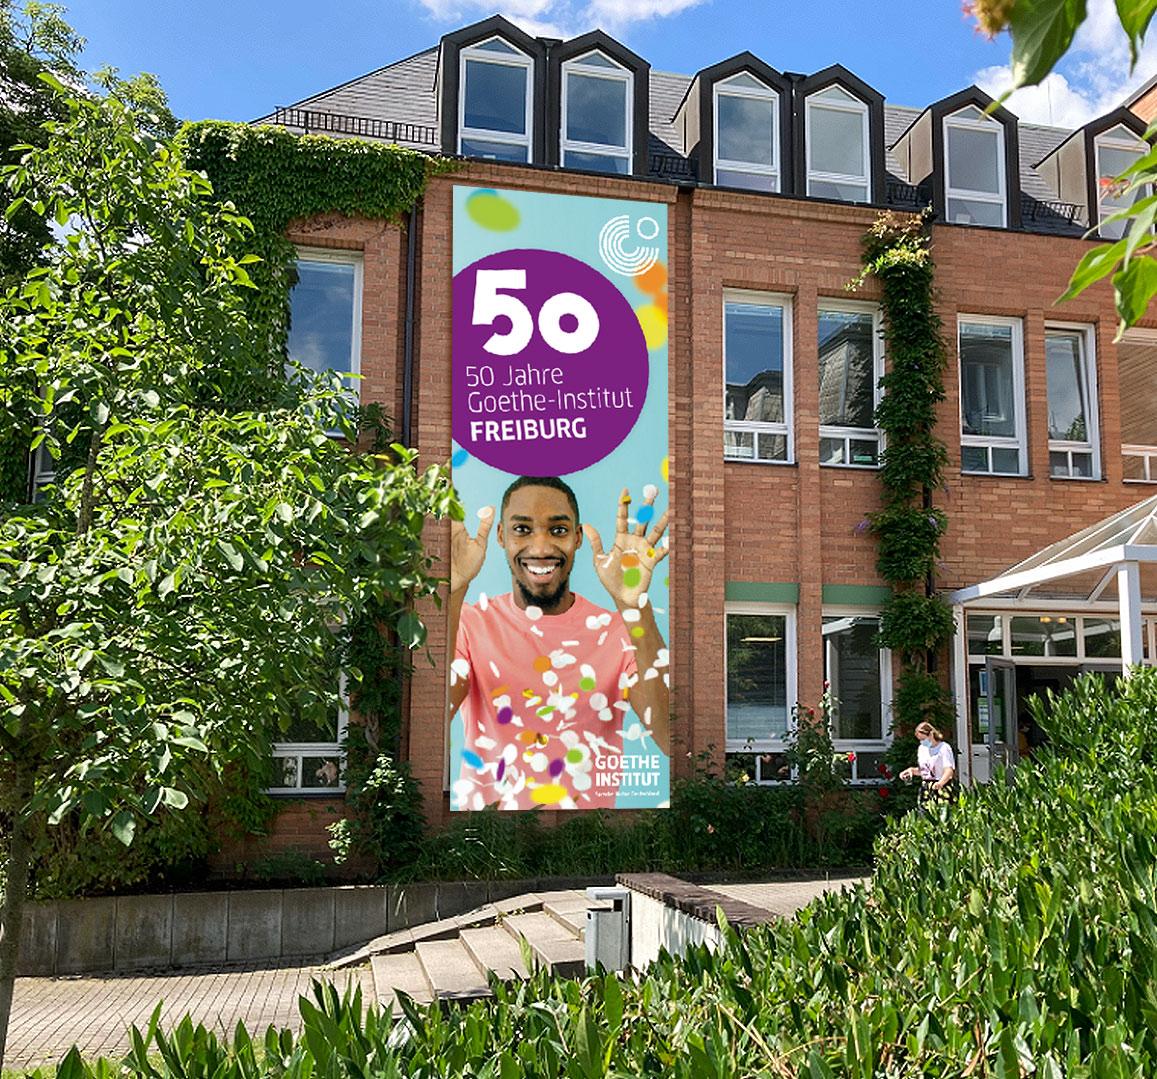 50Jahre_Goethe-Institut-6